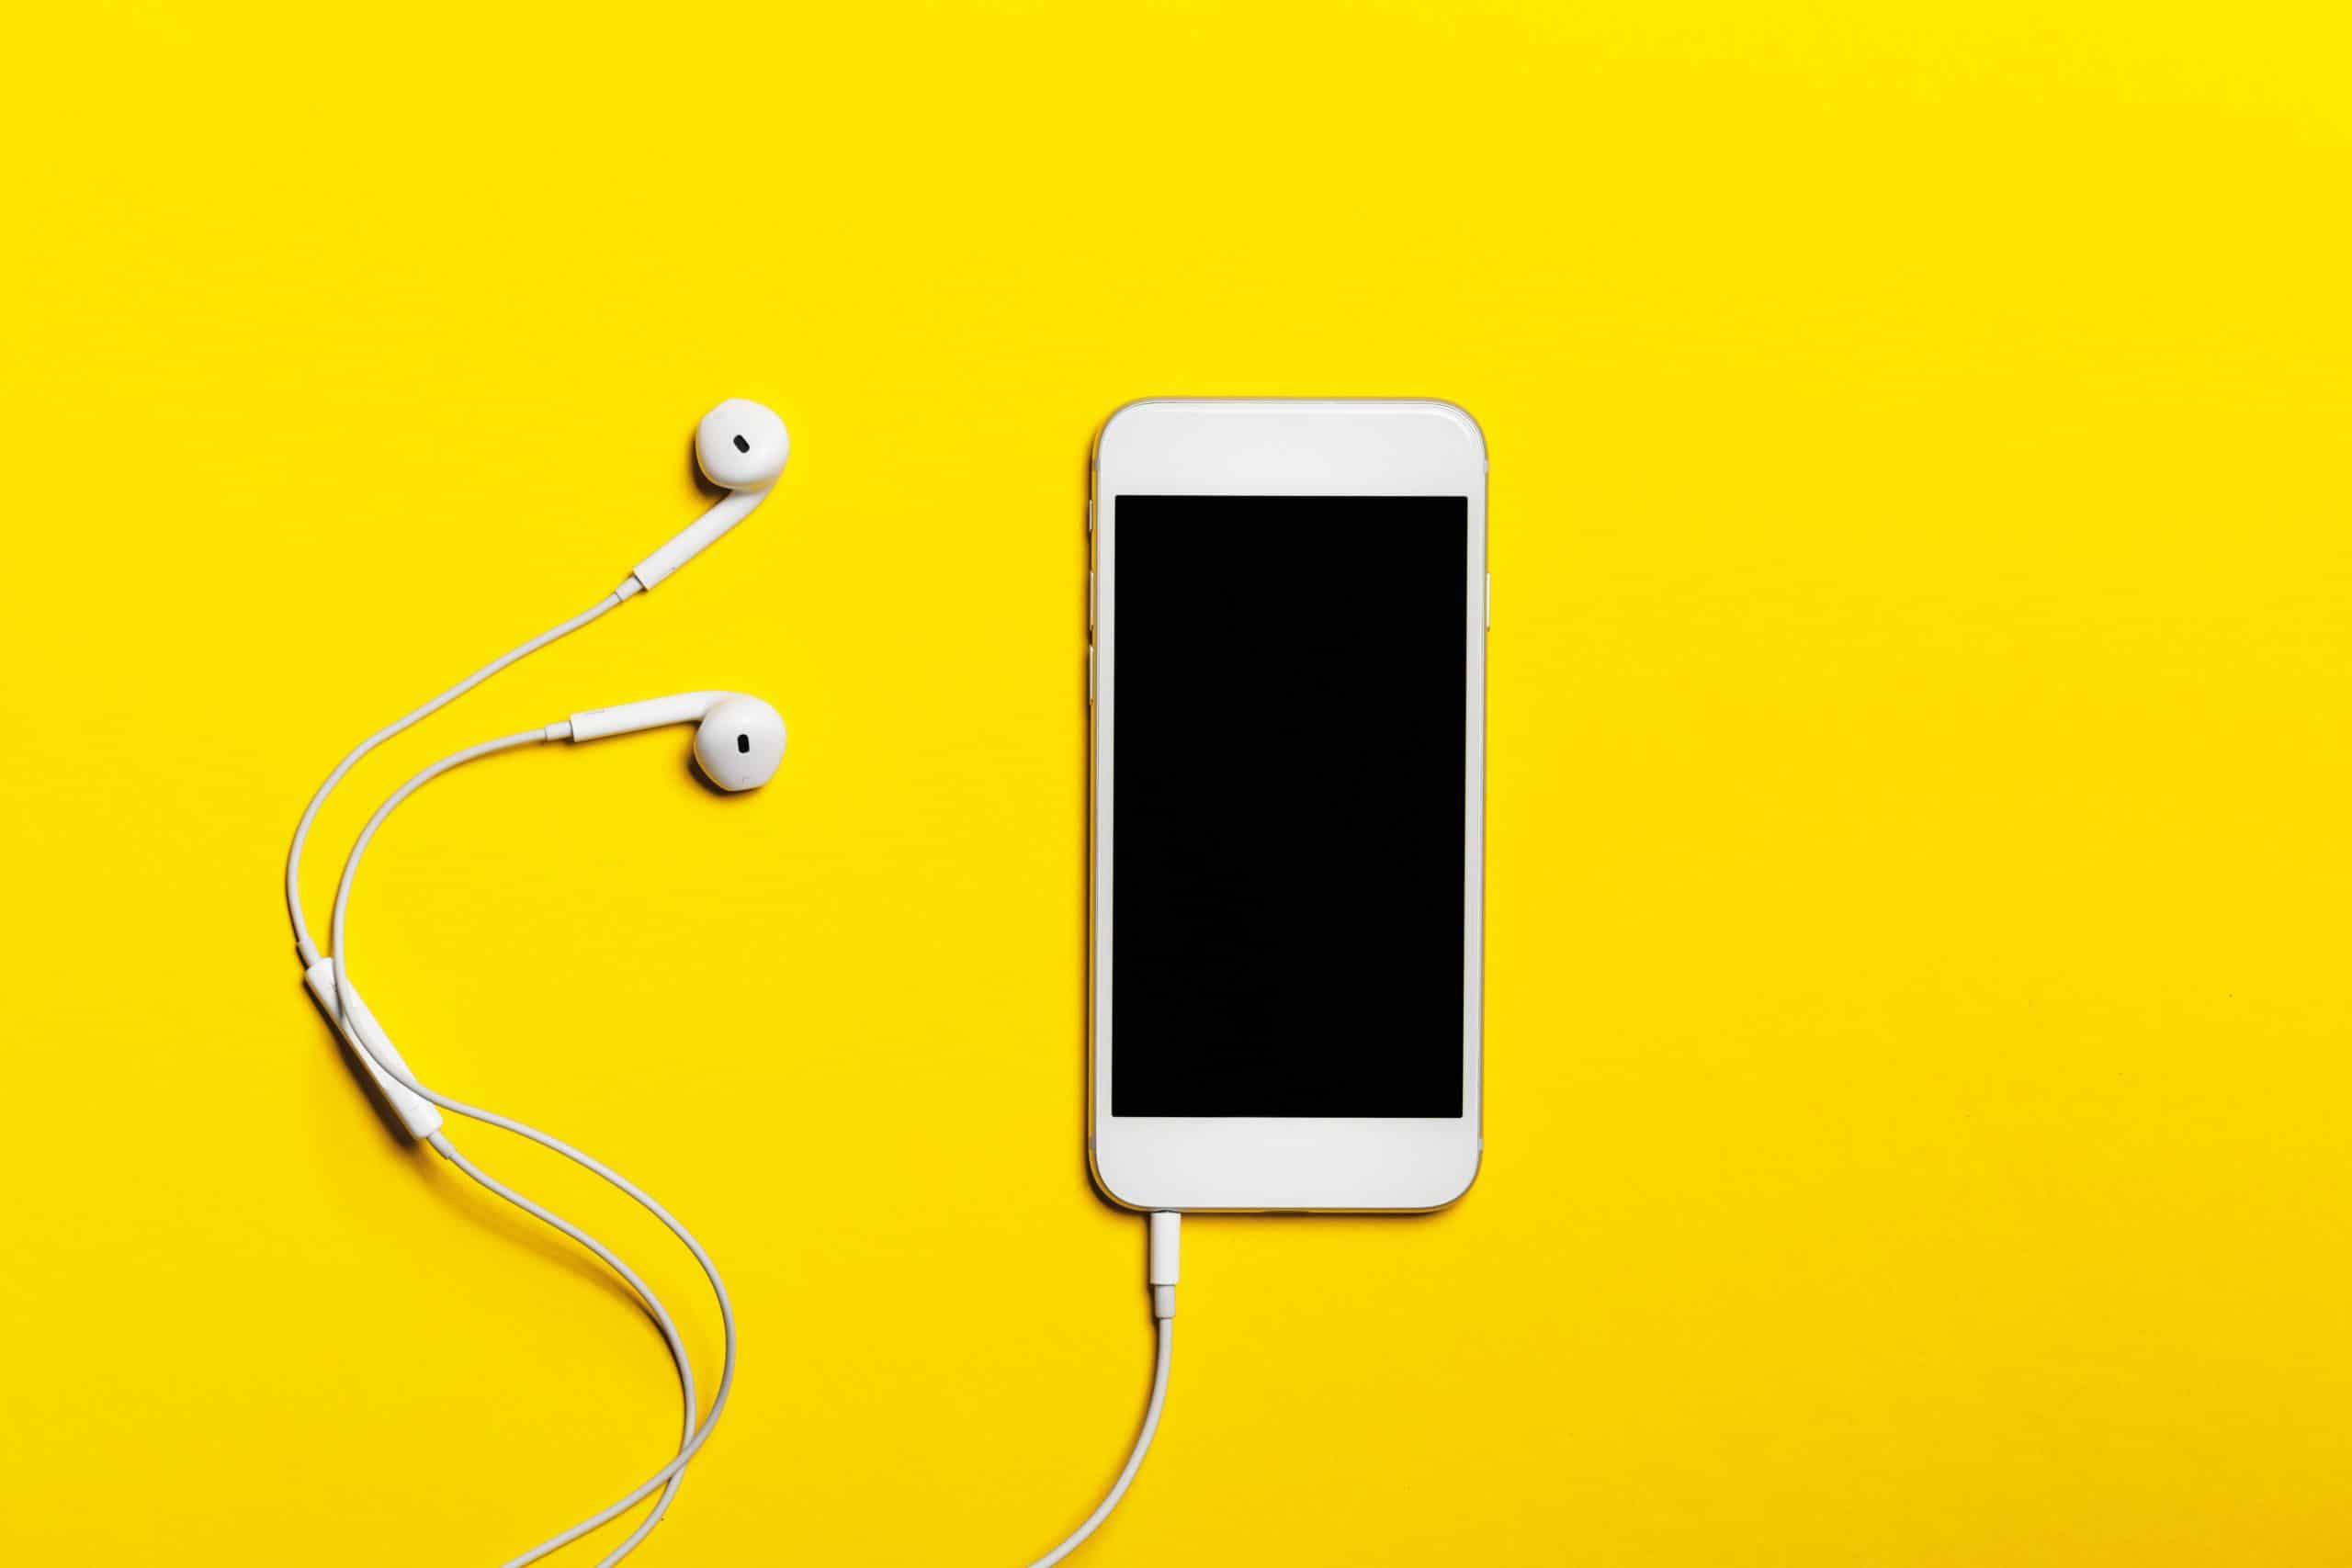 Handy mit Headsets auf gelben Hintergrund